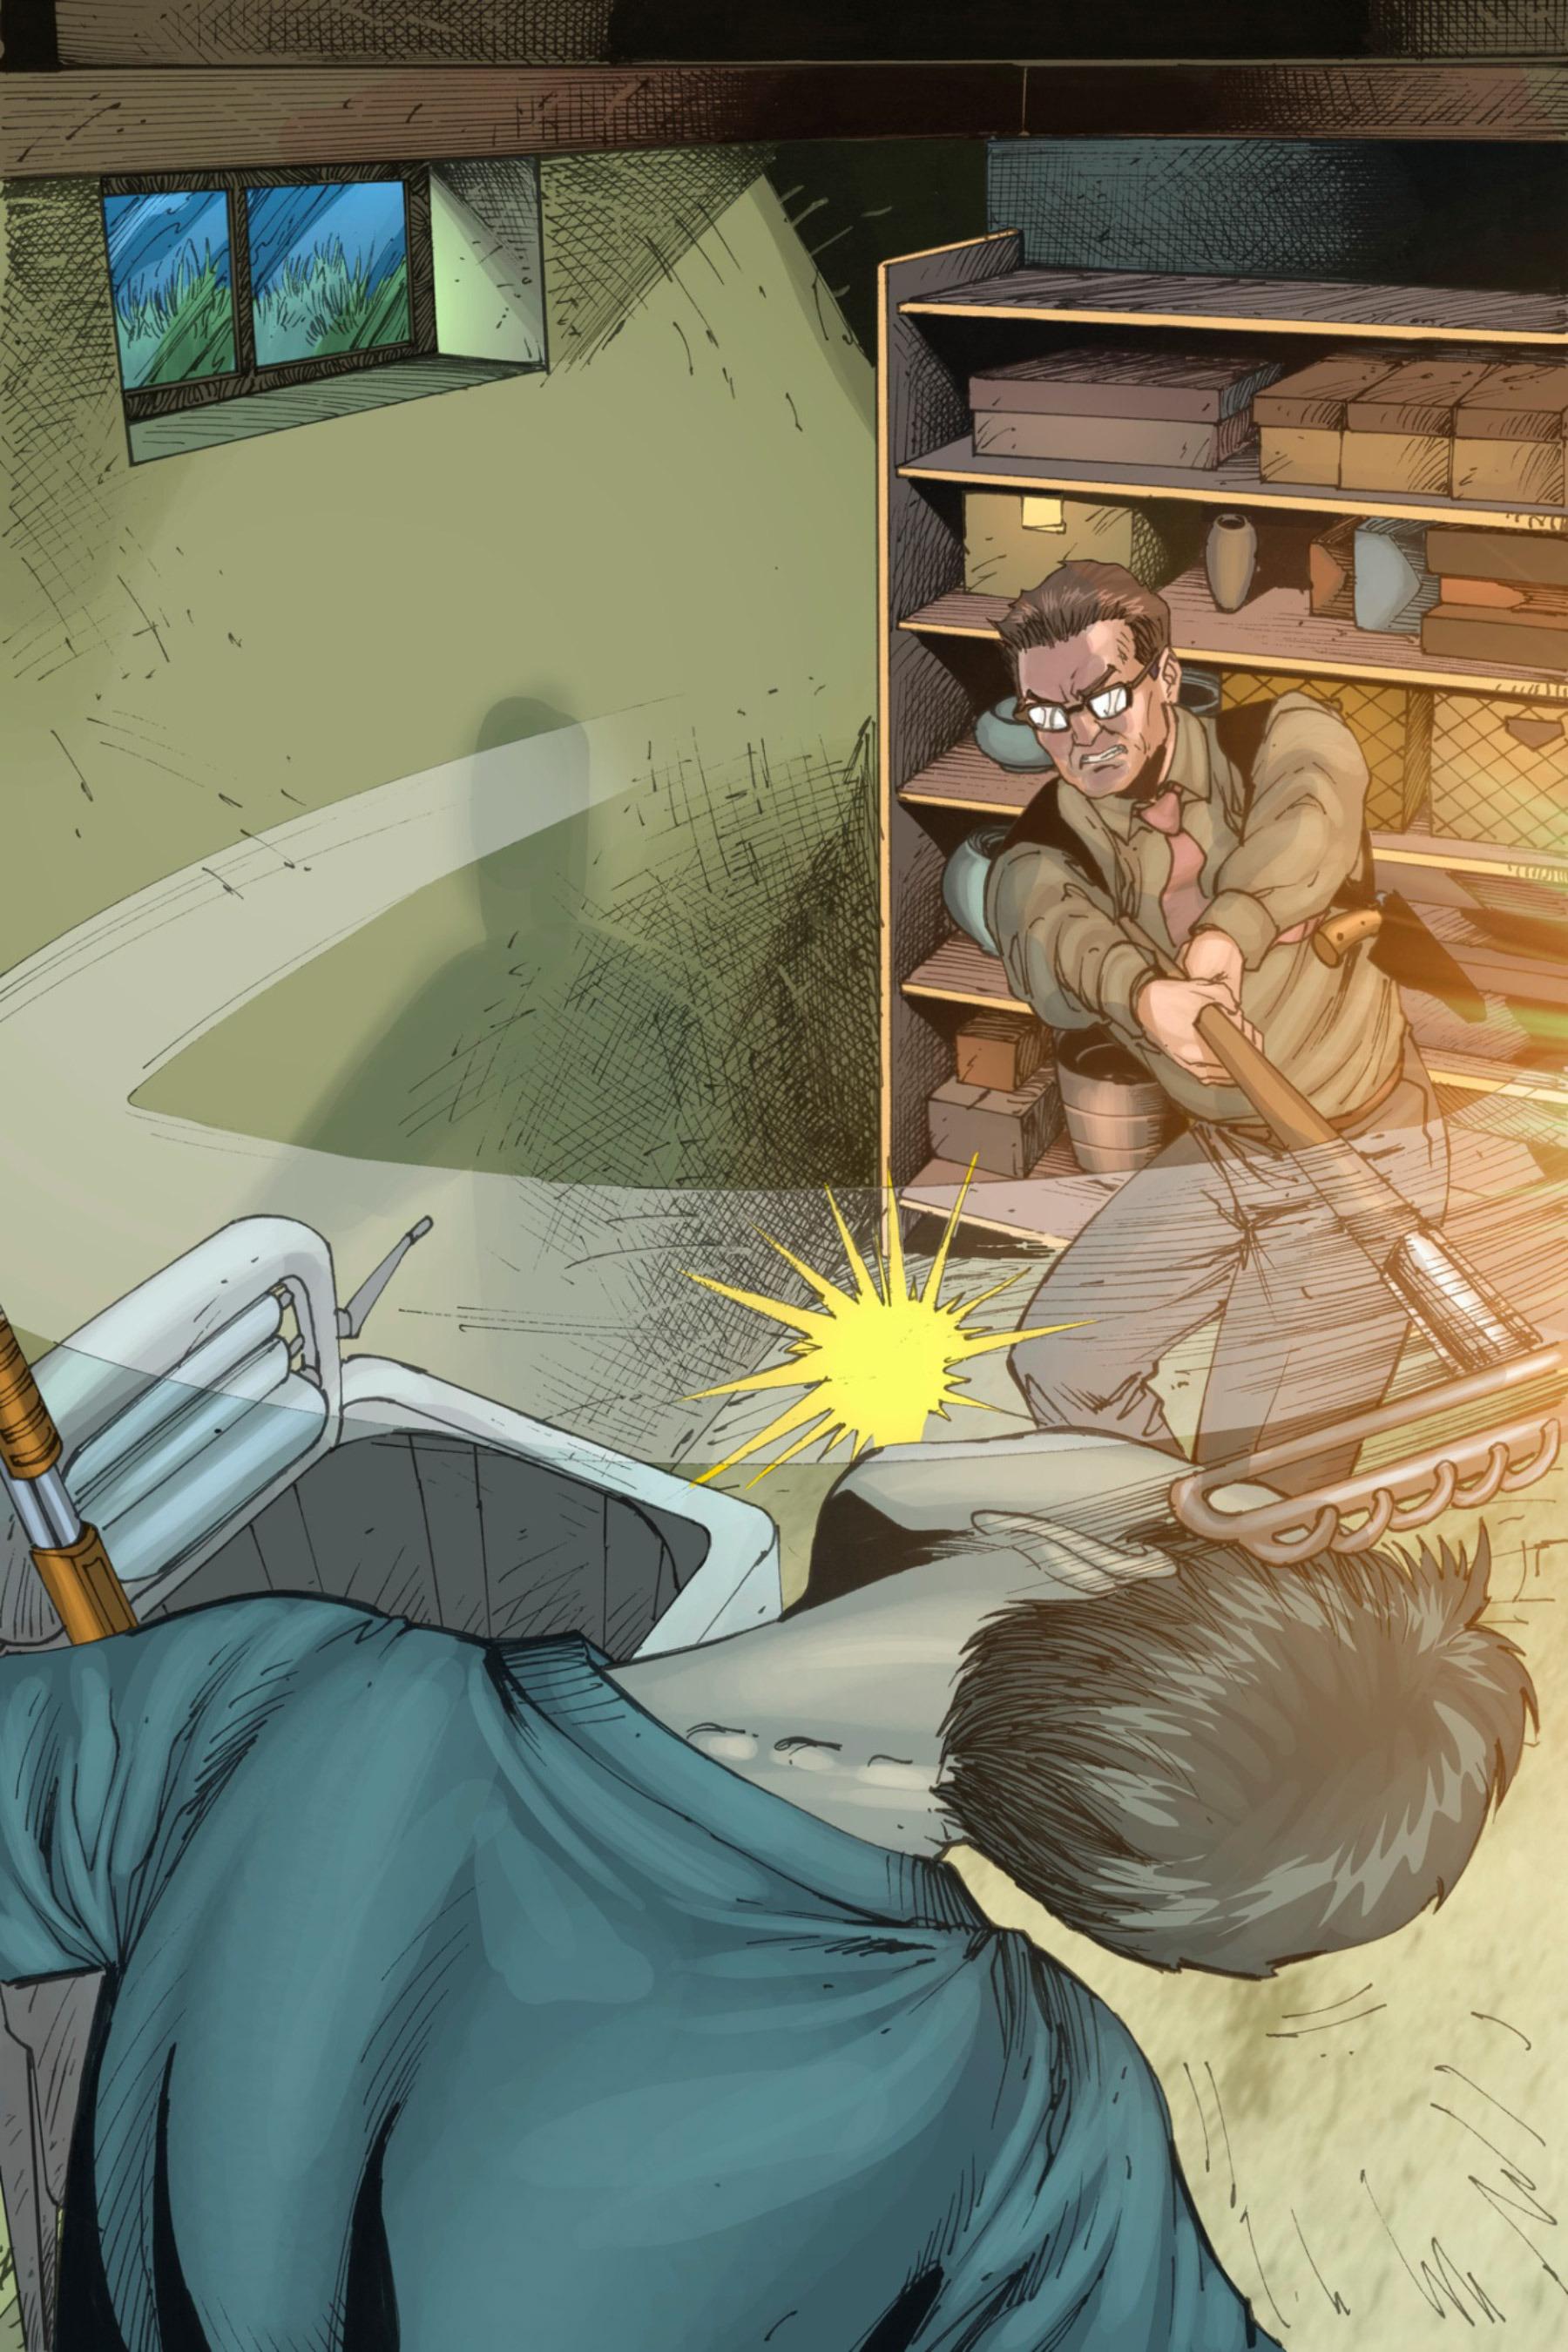 Read online Z-Men comic -  Issue #3 - 104